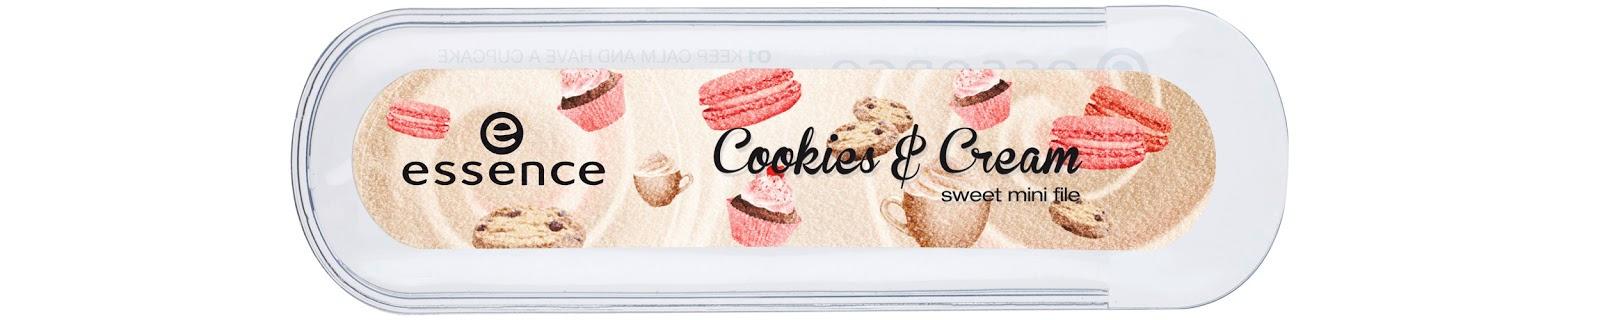 ess_CookiesCream_Feile